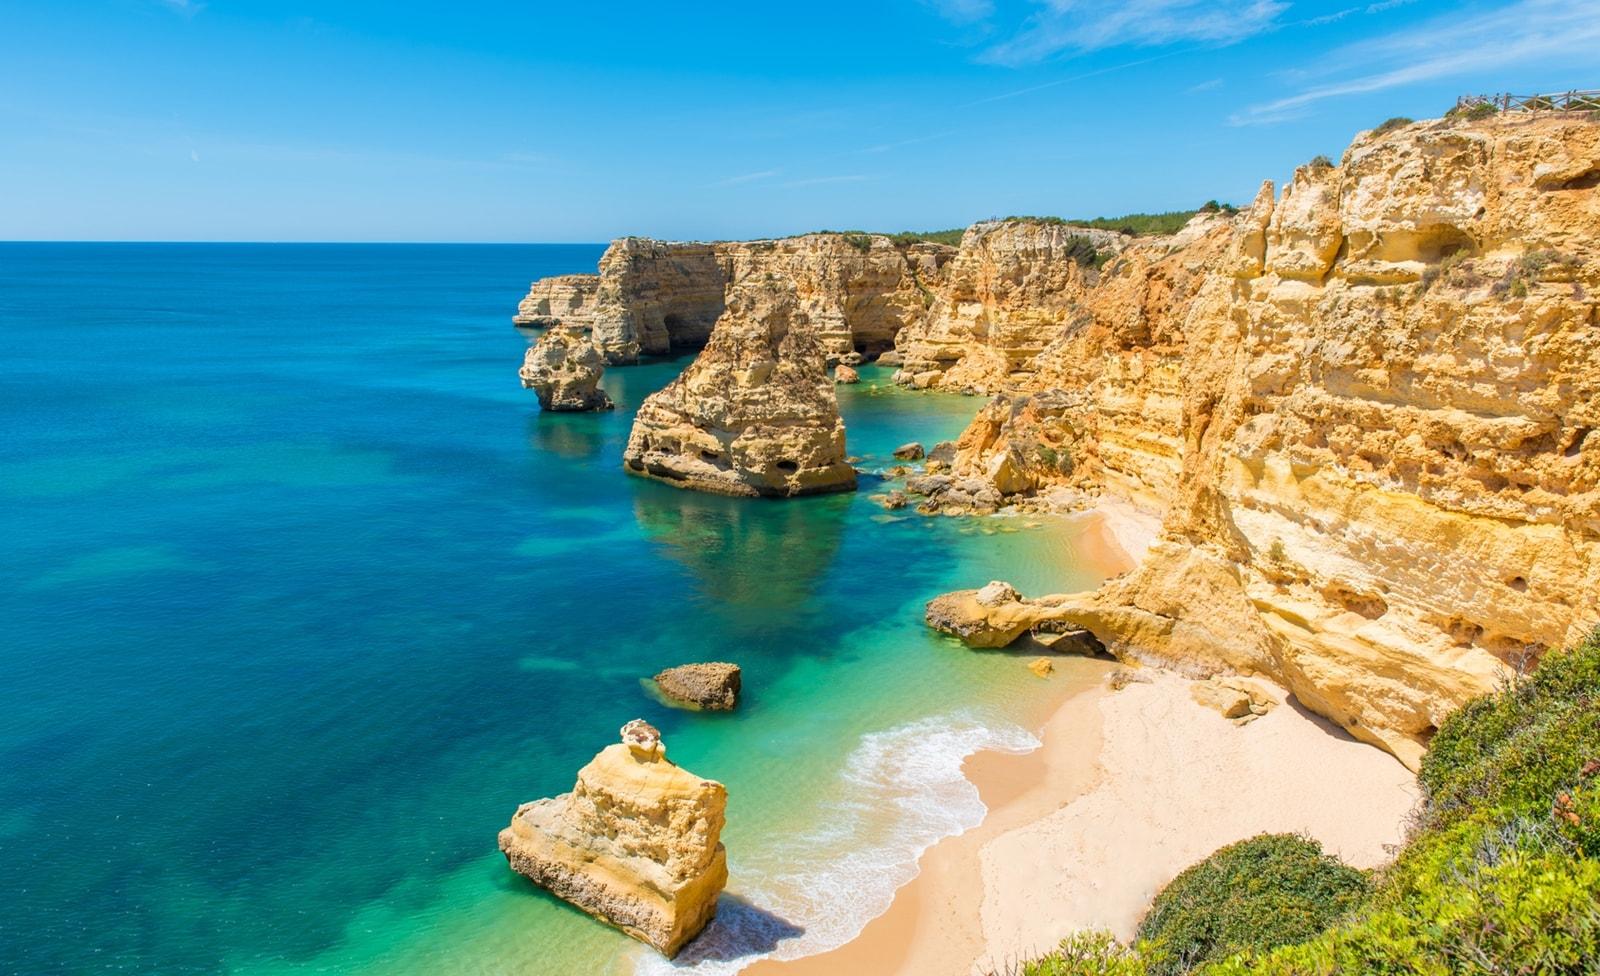 Praia da Marinah